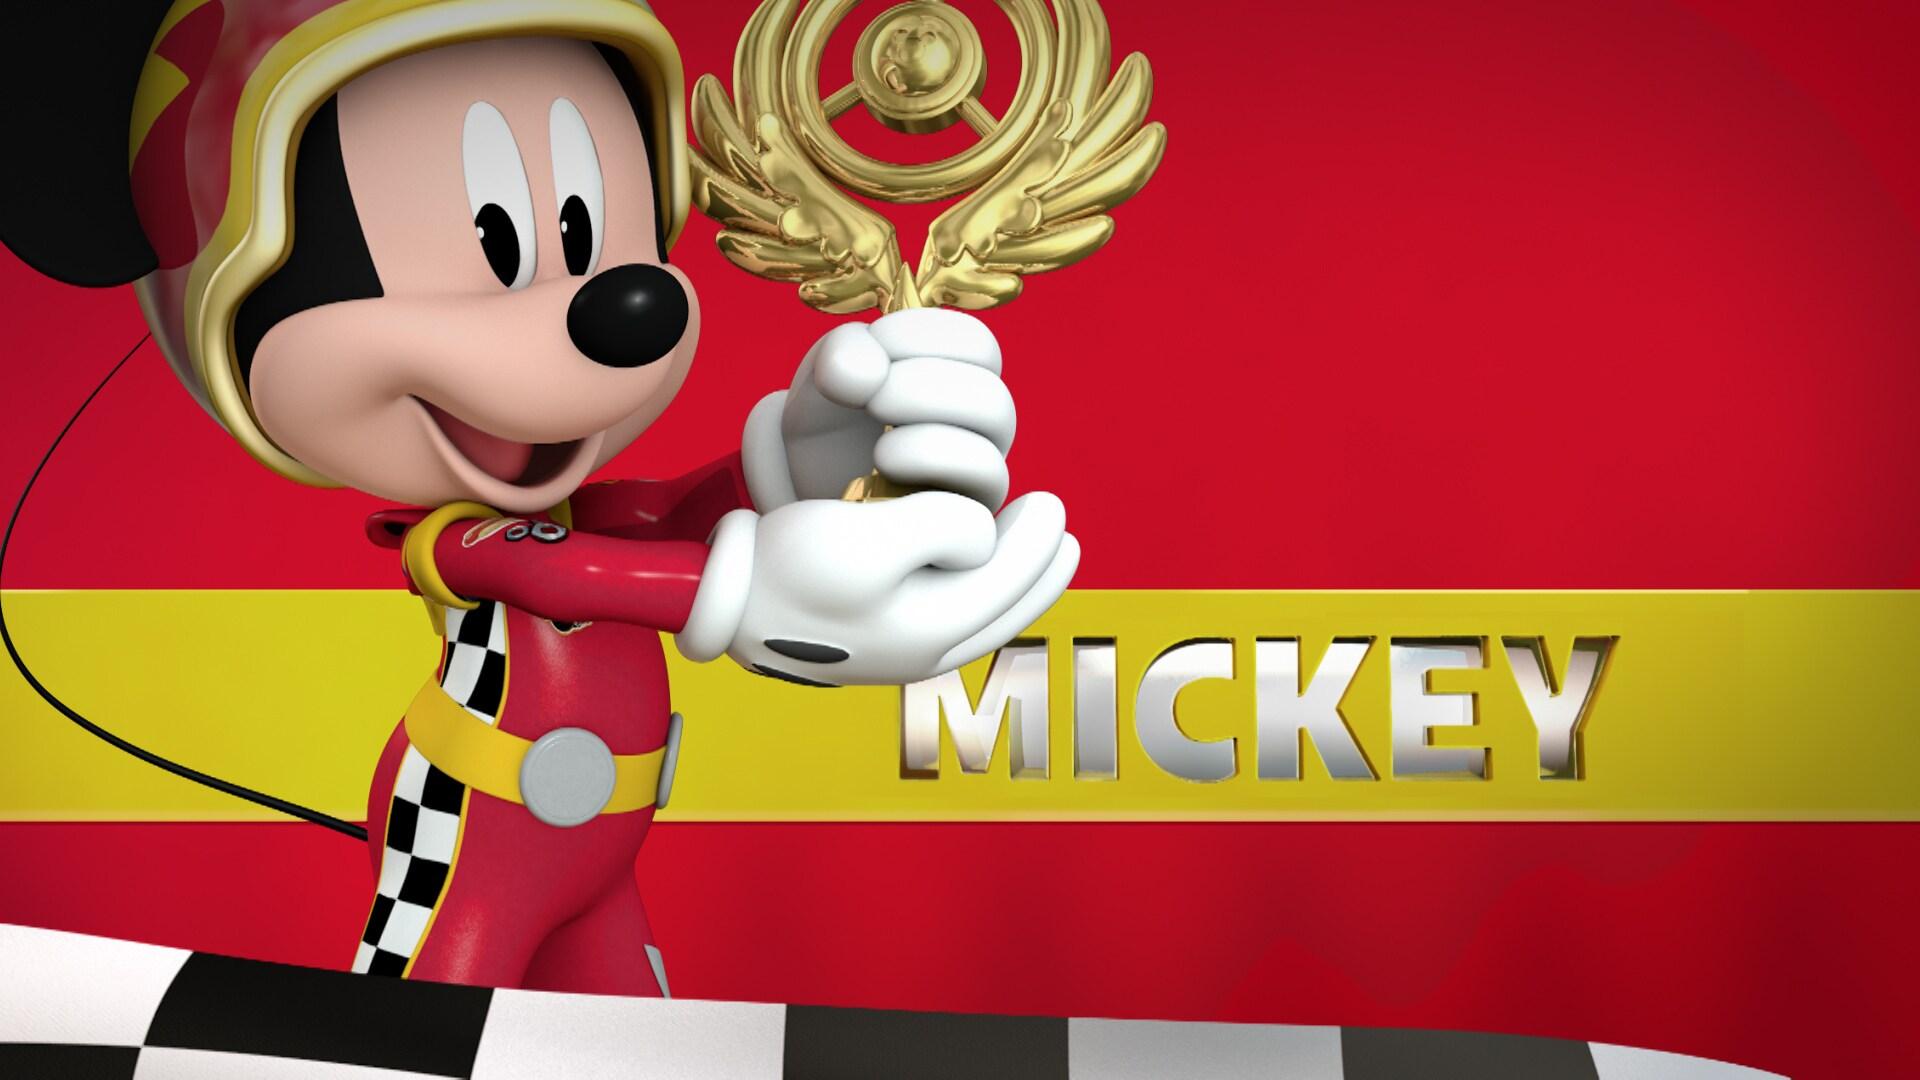 Mickey Aventuras Sobre Rodas - Música Sobre Rodas